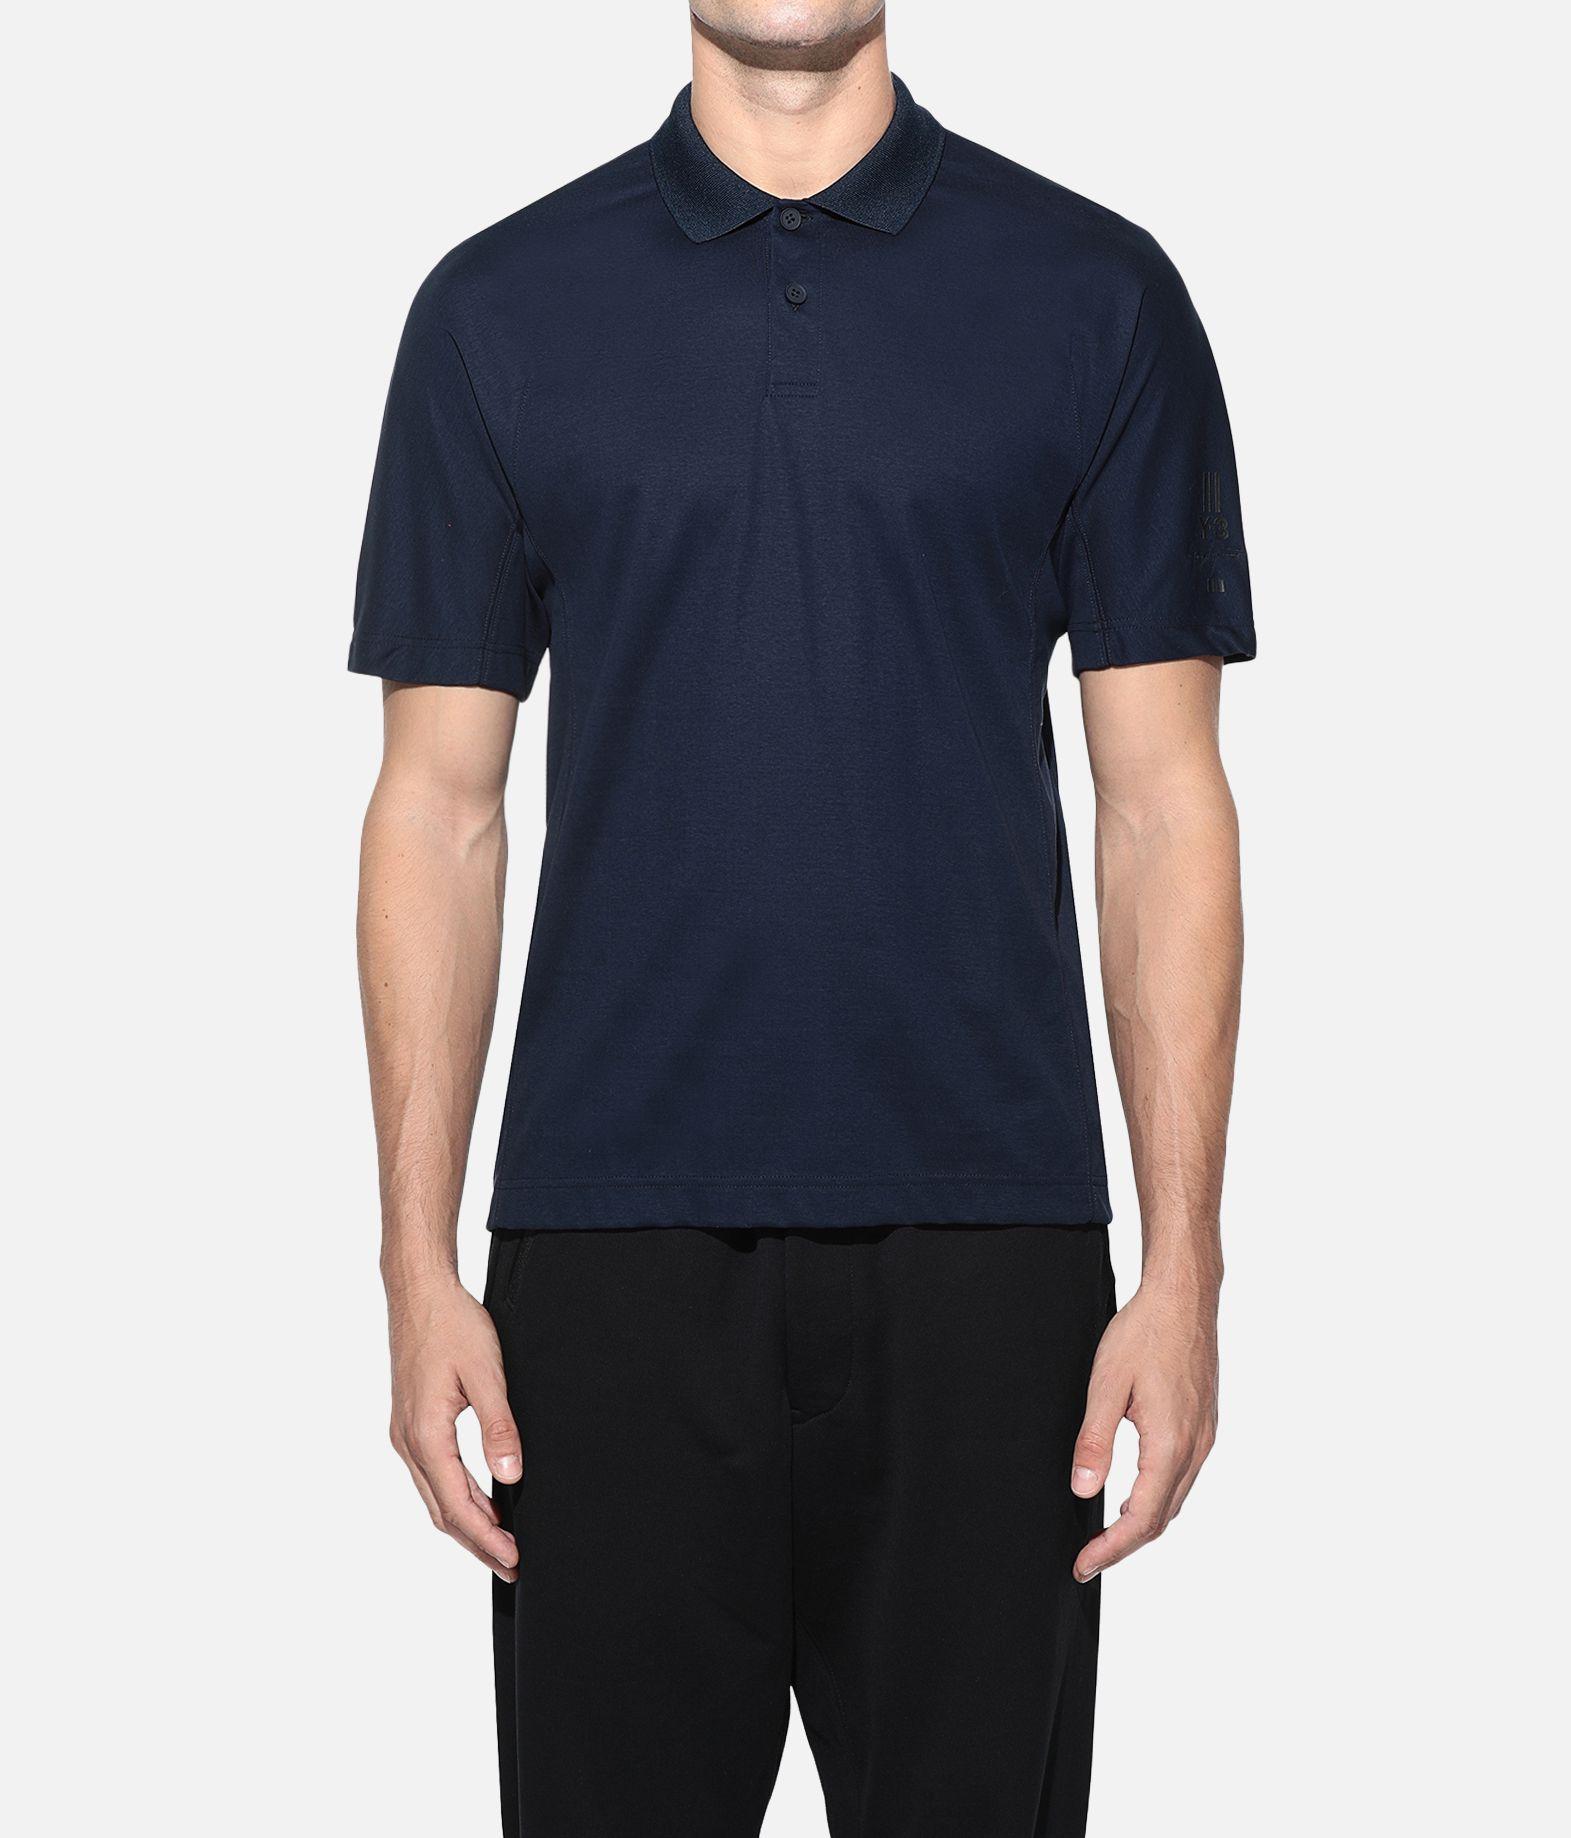 Y-3 Y-3 Classic Polo Shirt Polohemd Herren r